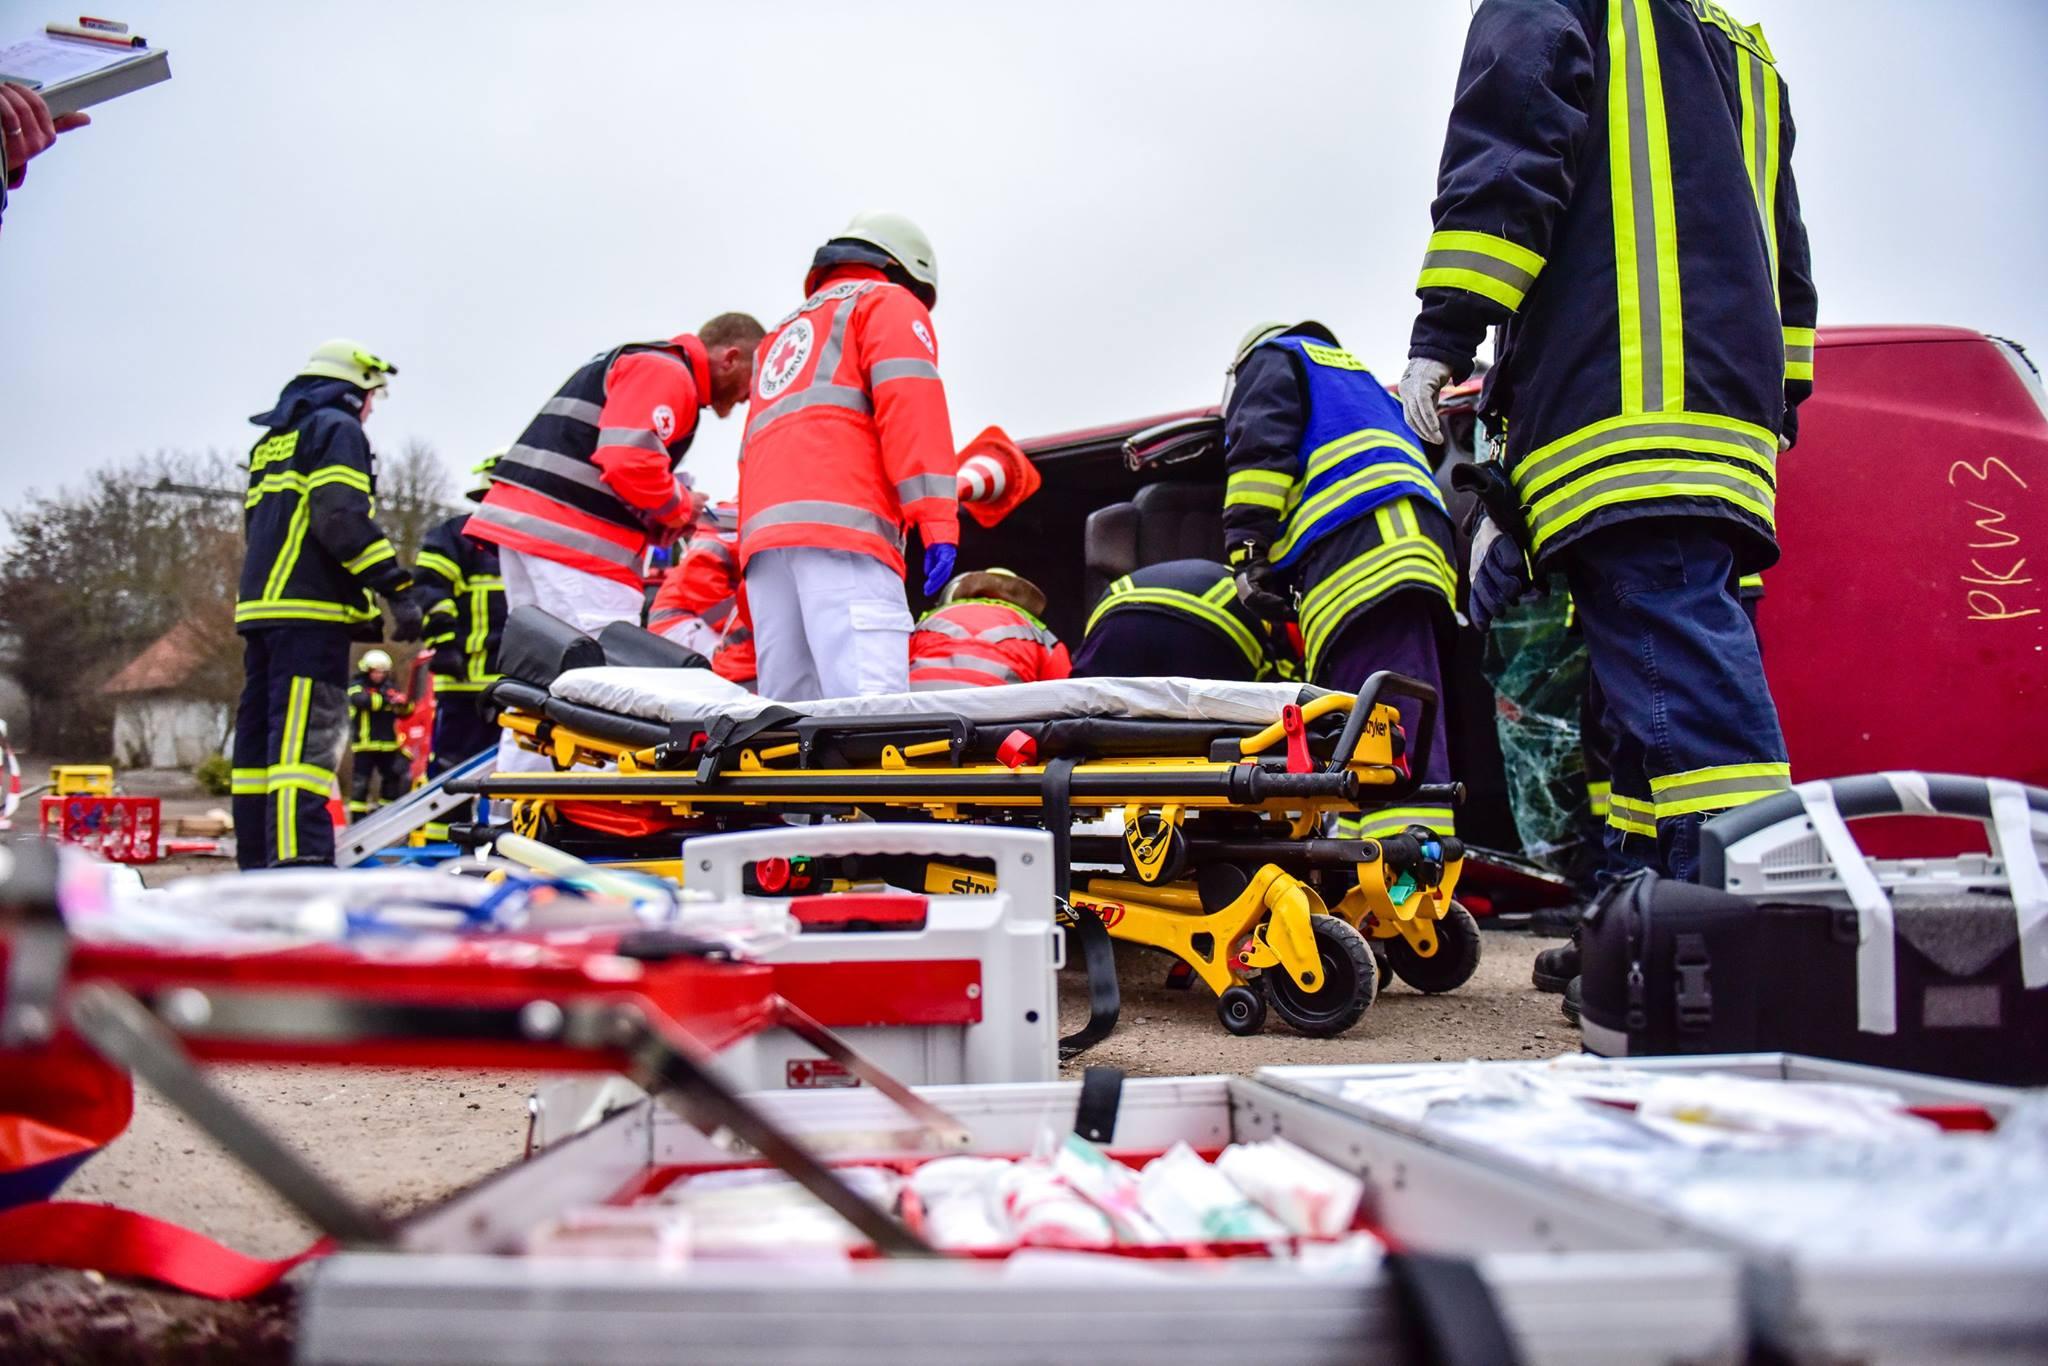 Quelle: DRK Rettungsdienst Rheinhessen-Nahe gGmbH